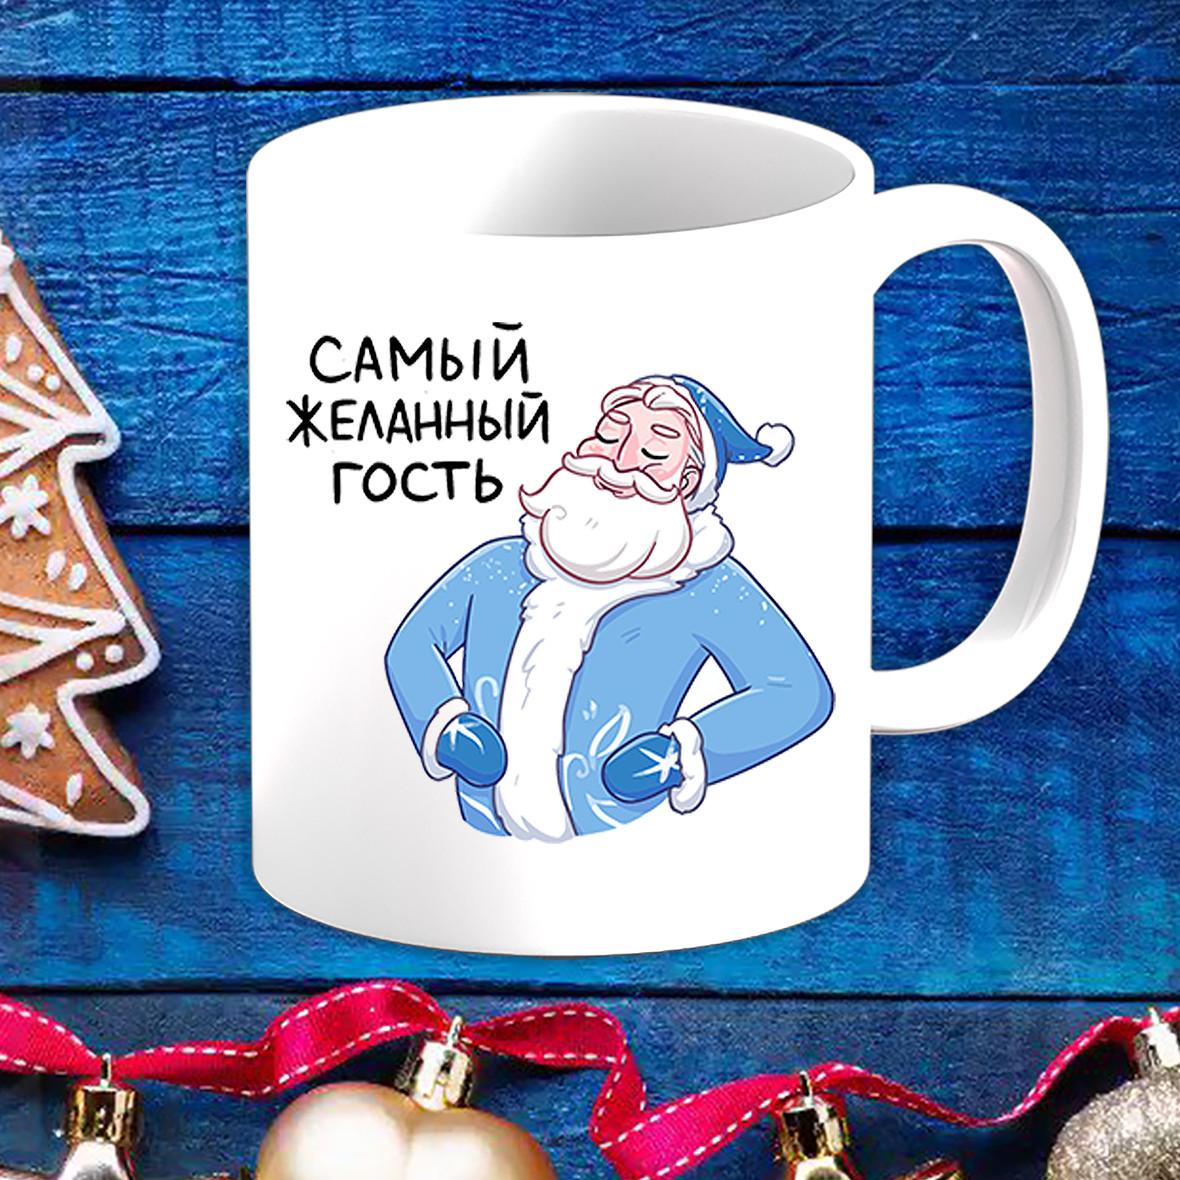 """Белая кружка (чашка) с новогодним принтом Дедушка Мороз """"Самый желанный гость"""""""